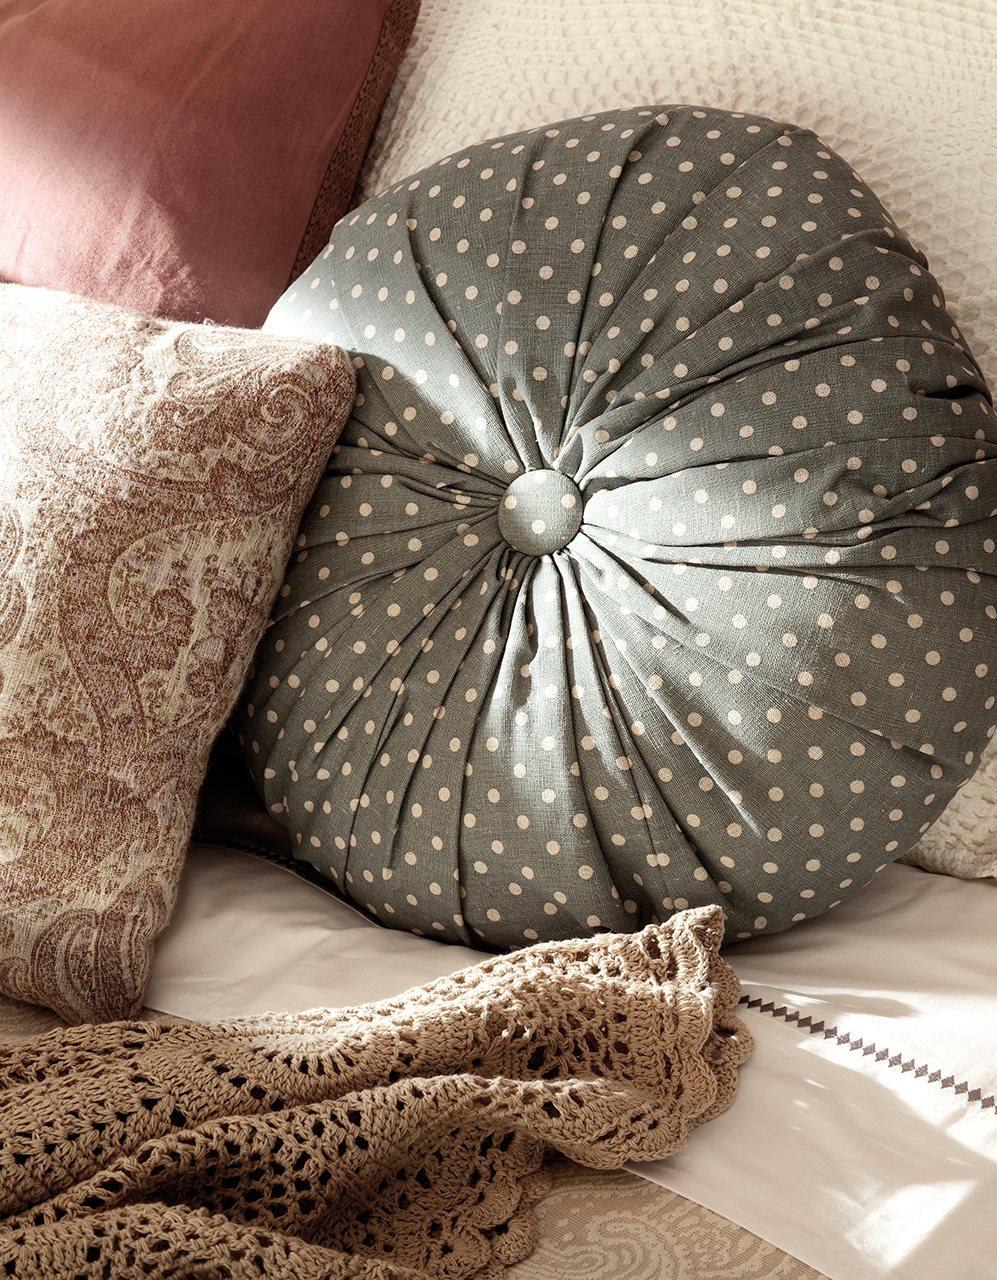 подушки на кровате